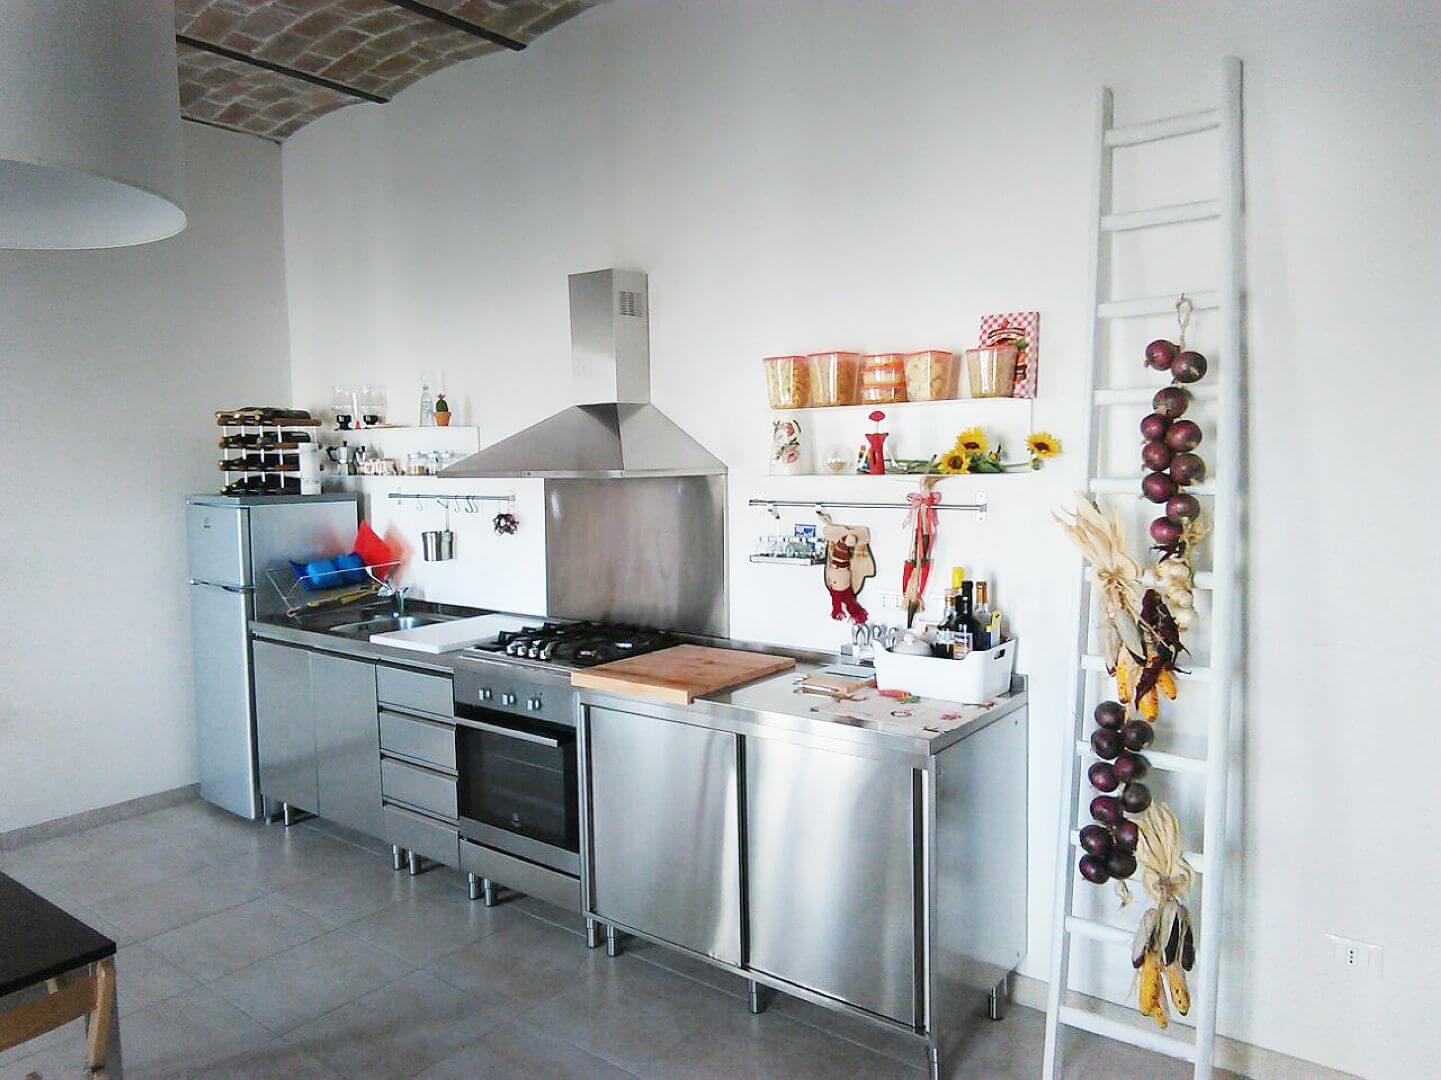 Cucine Acciaio Inox Su Misura. Finest Cucine In Acciaio Inox ...